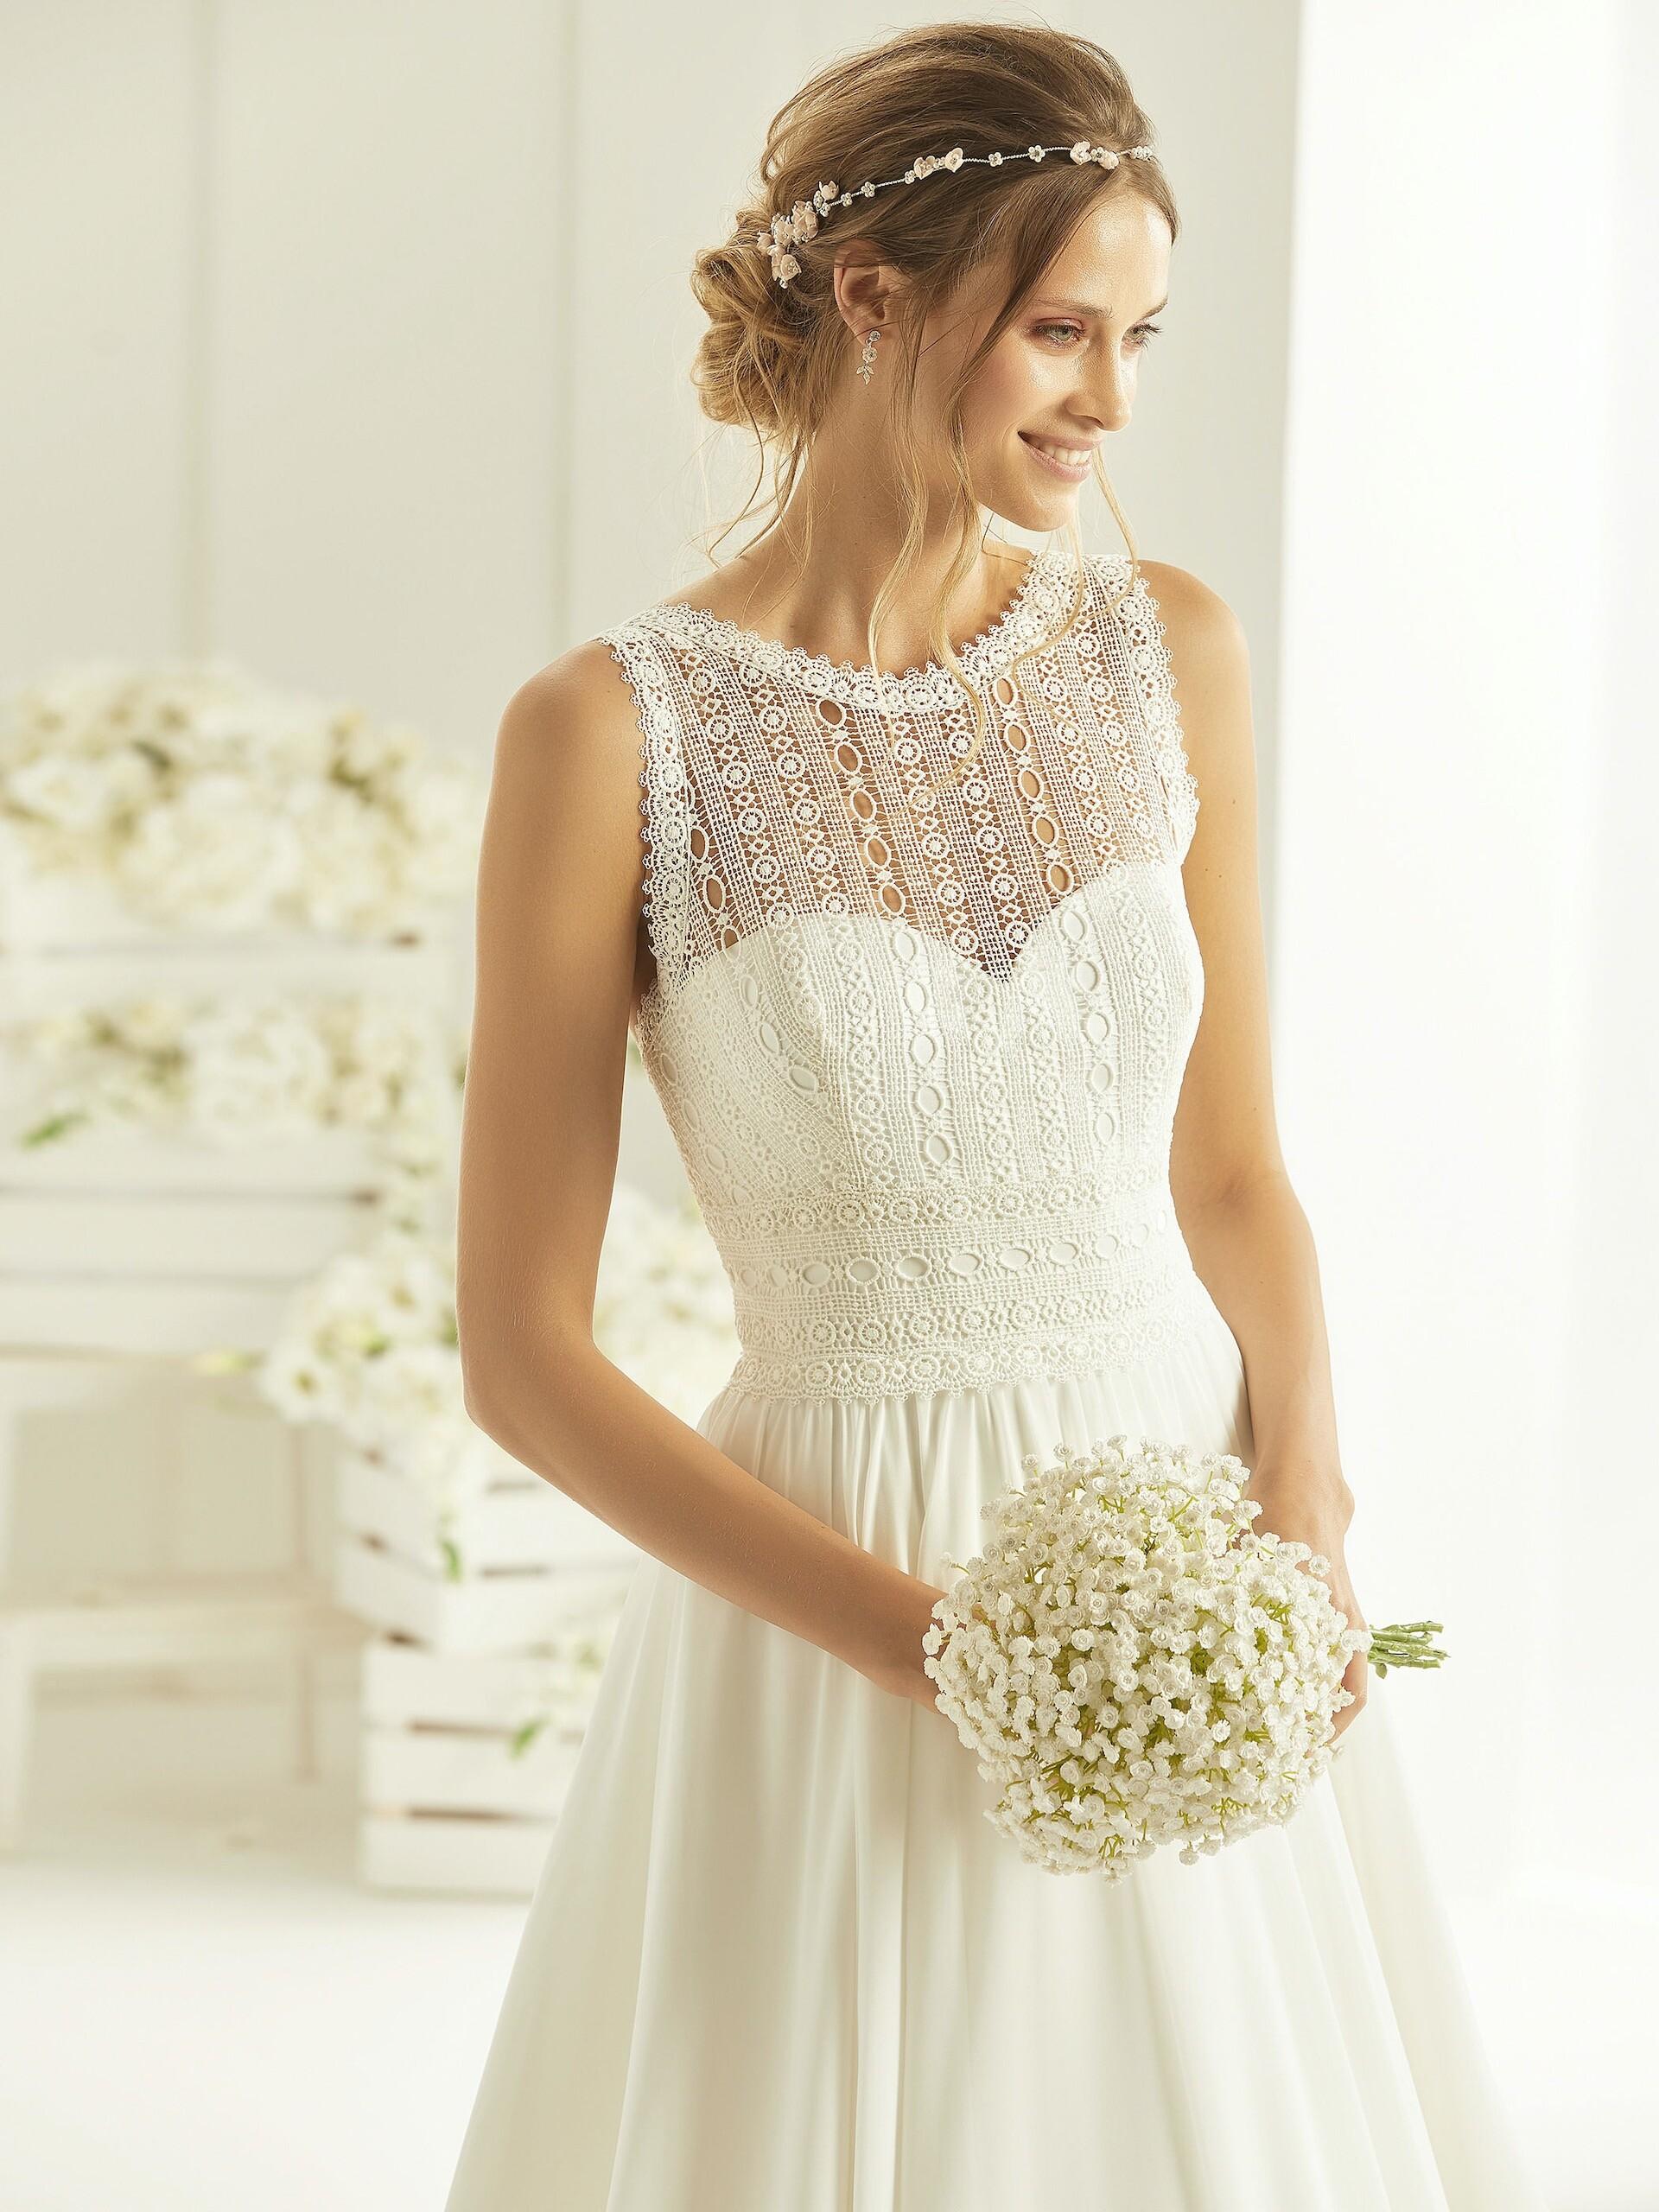 Ärmelloses Brautkleid in A-Linie mit Top aus geometrischer Spitze und Illusion-Rundhalsausschnitt von Bianco Evento, Modell Ophelia